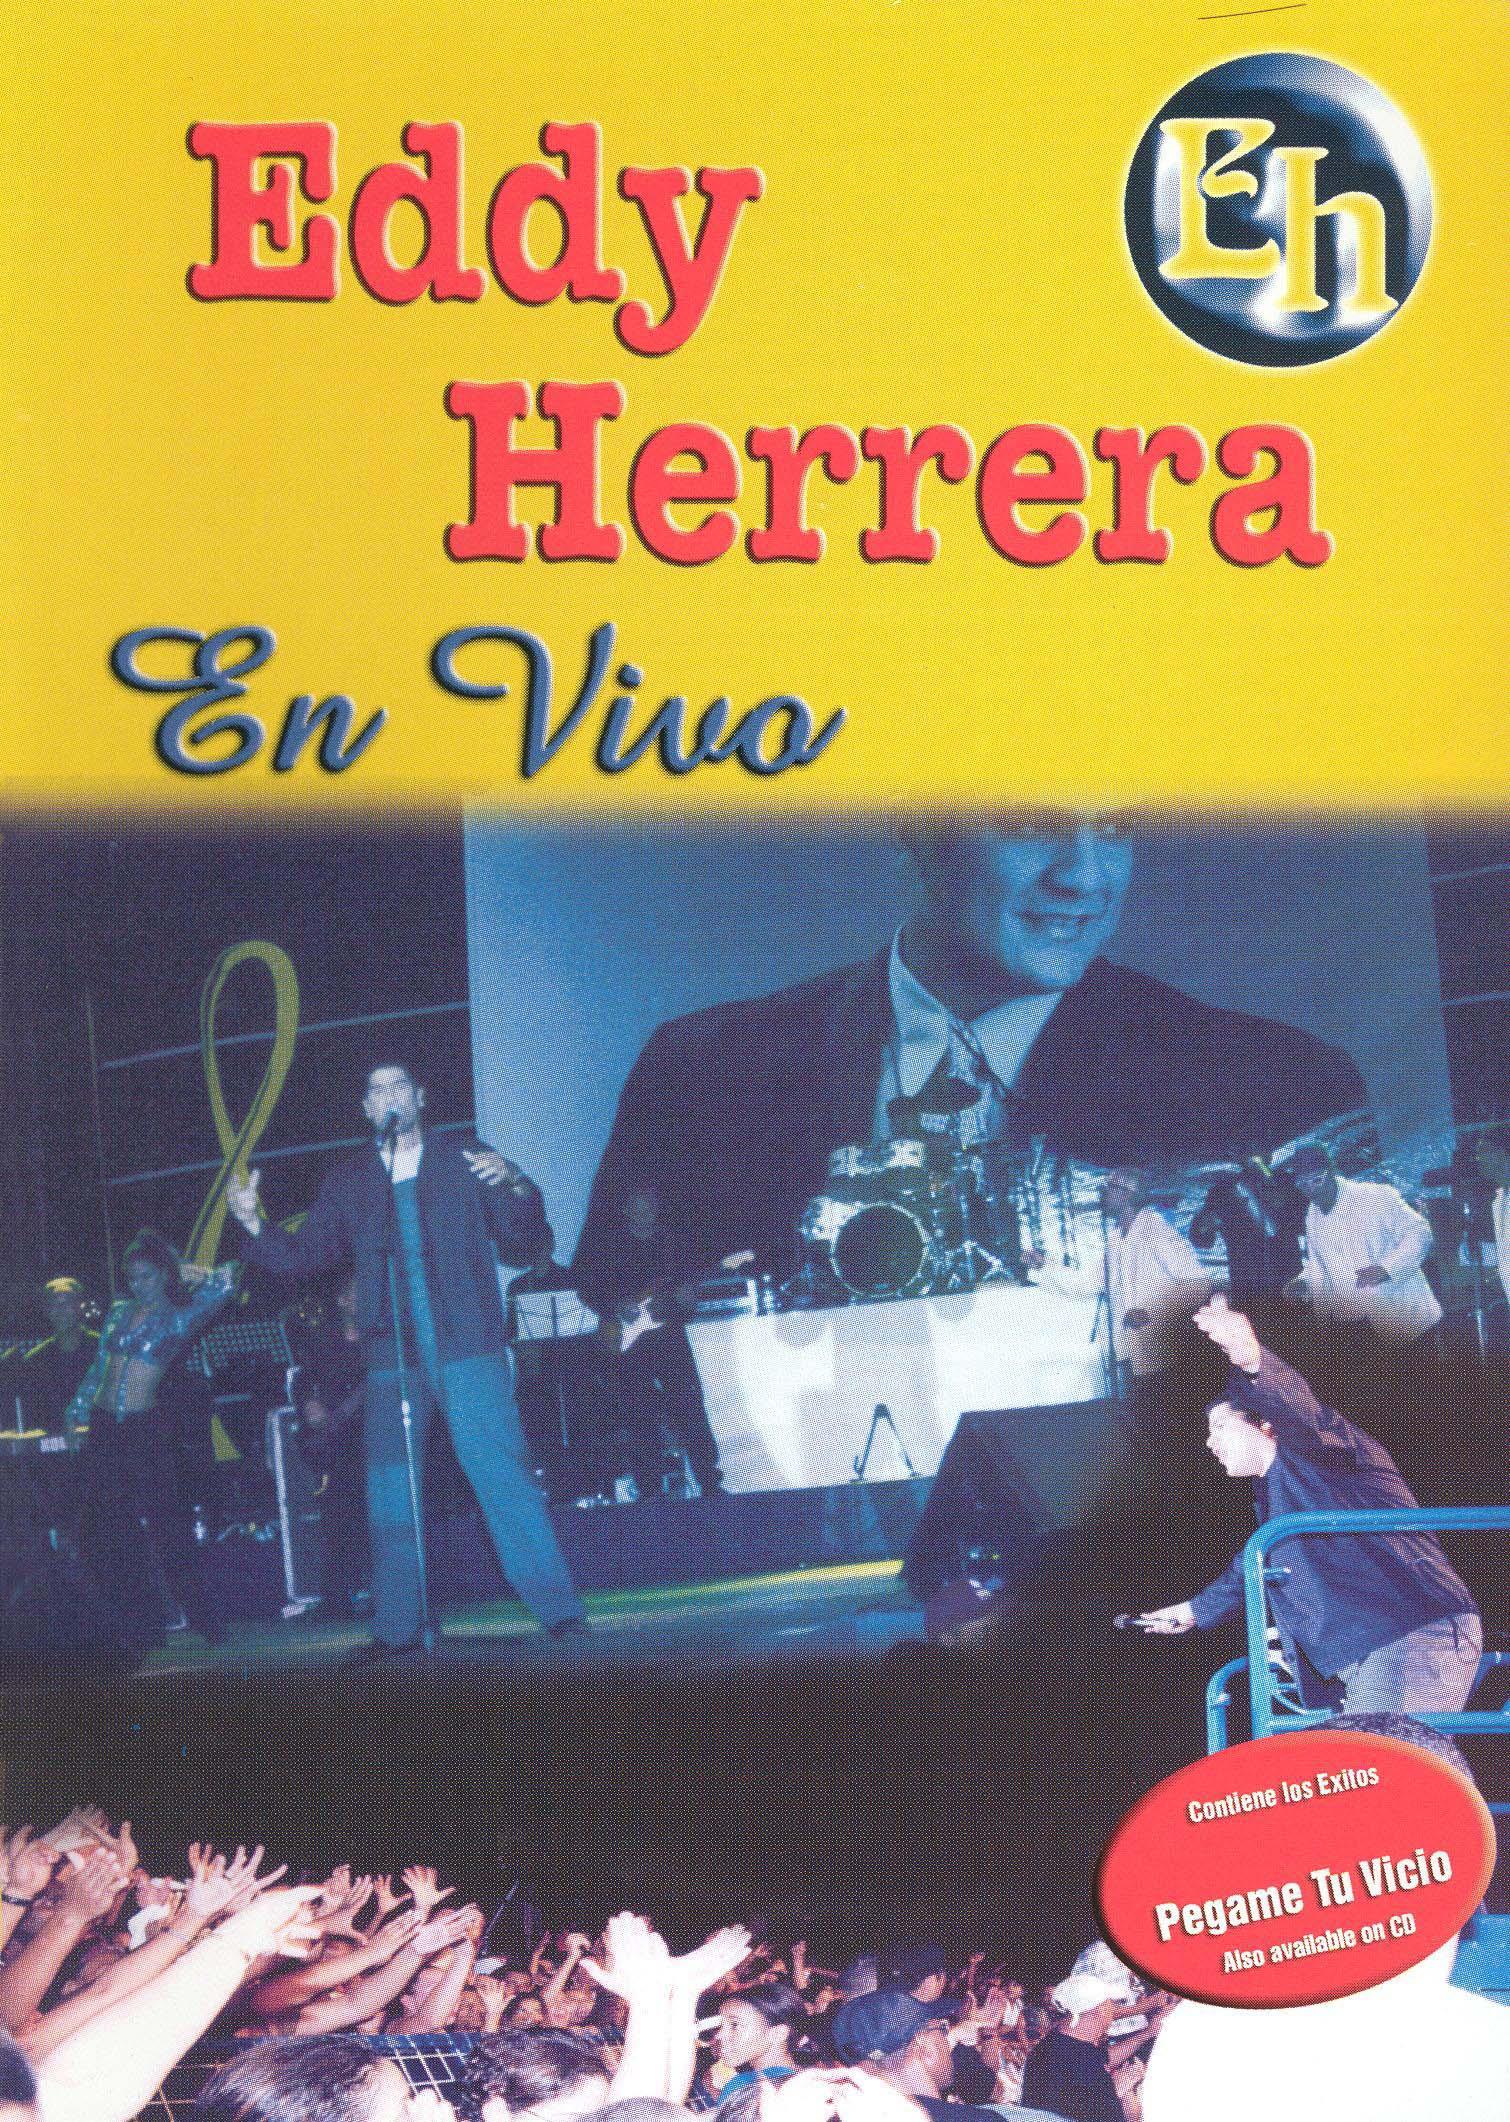 Eddy Herrera: En Vivo